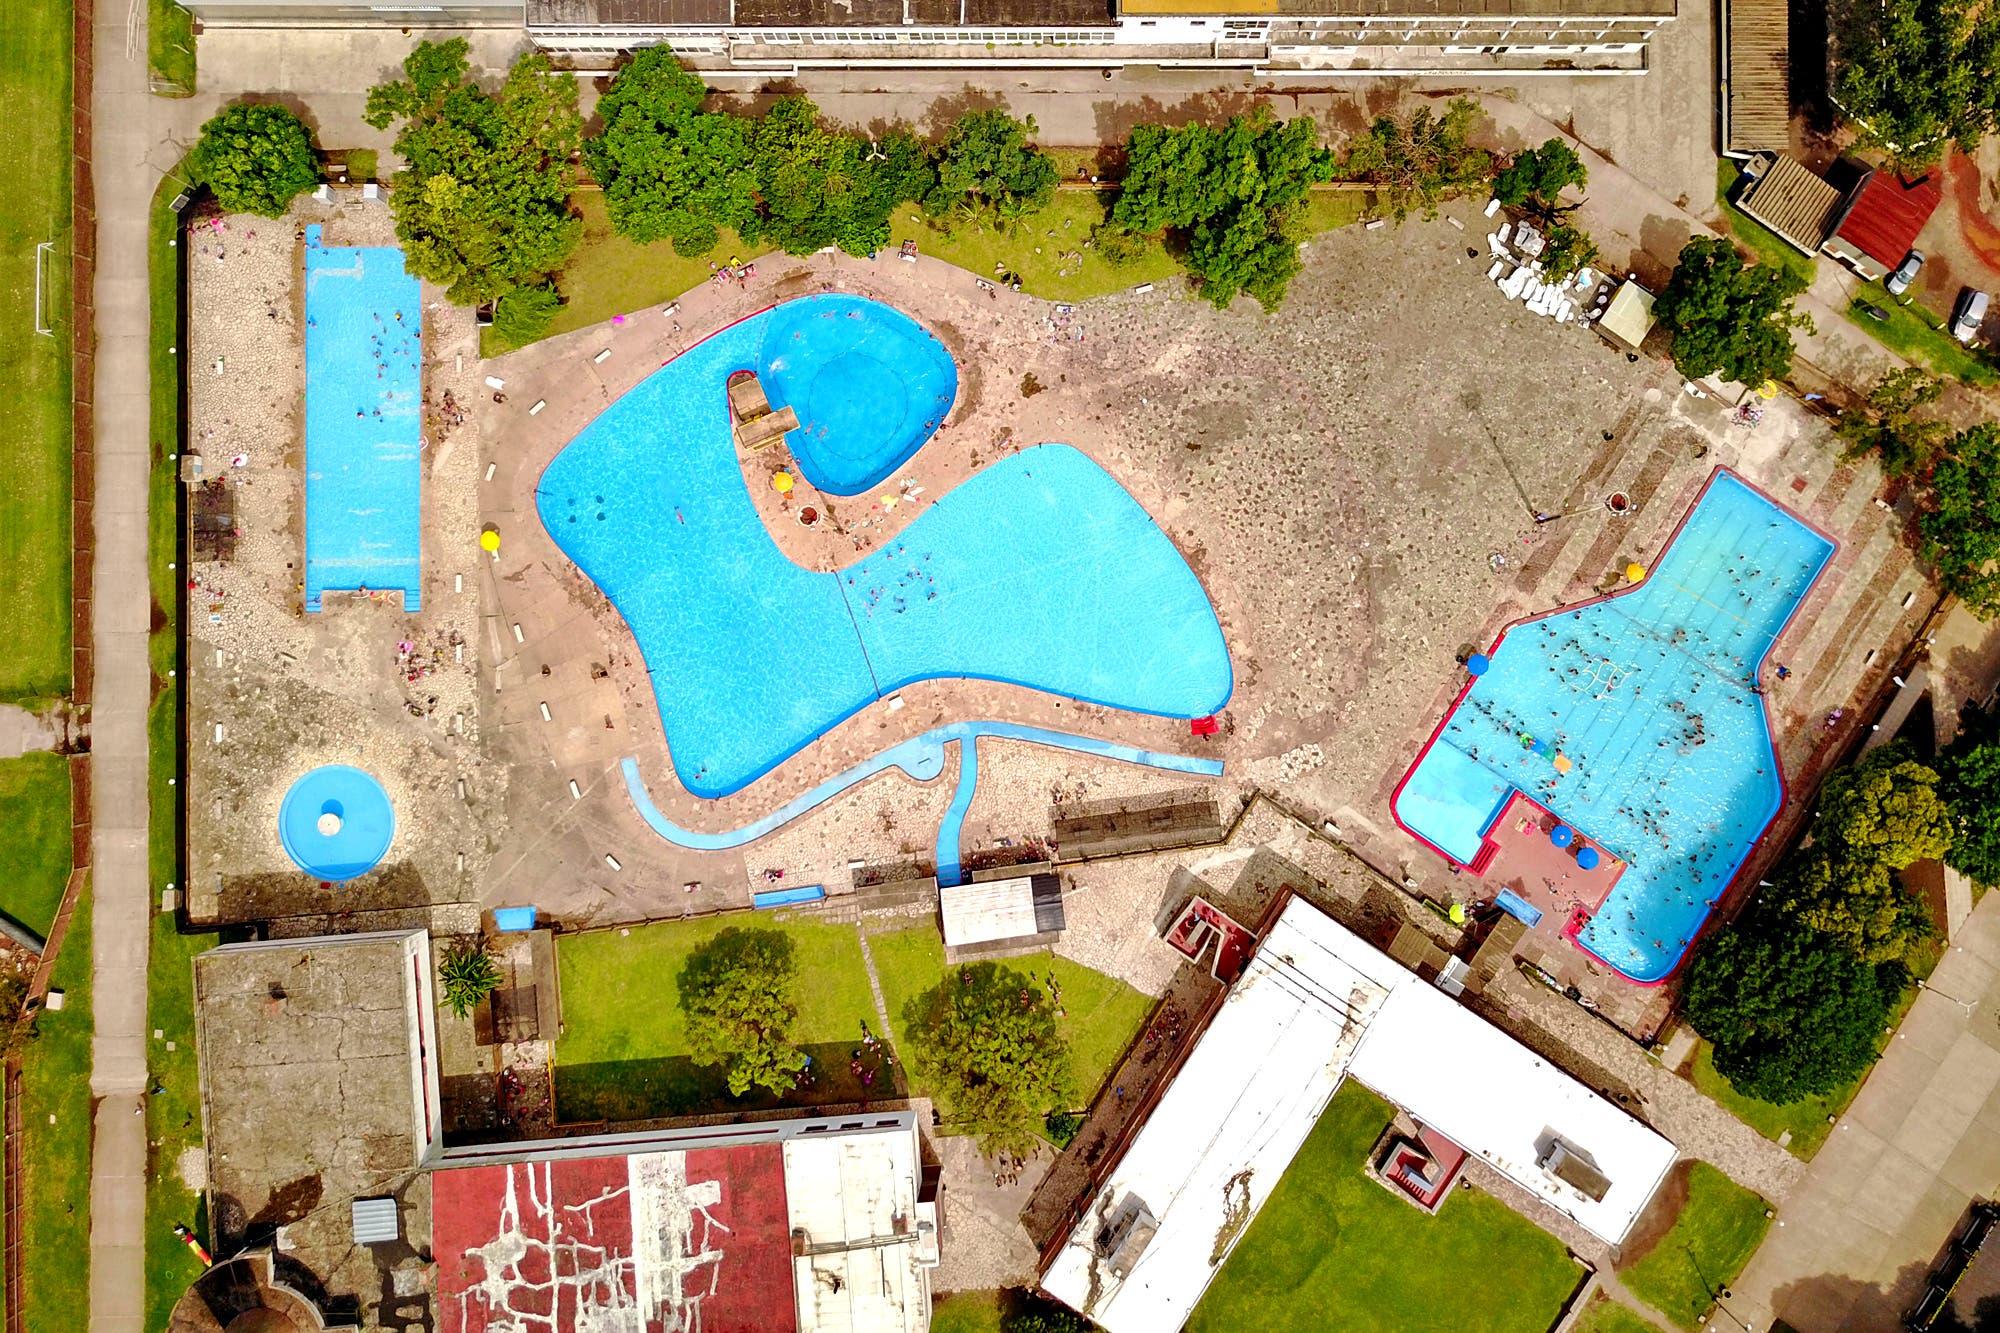 El verano en las piletas de la ciudad, vistas desde un drone